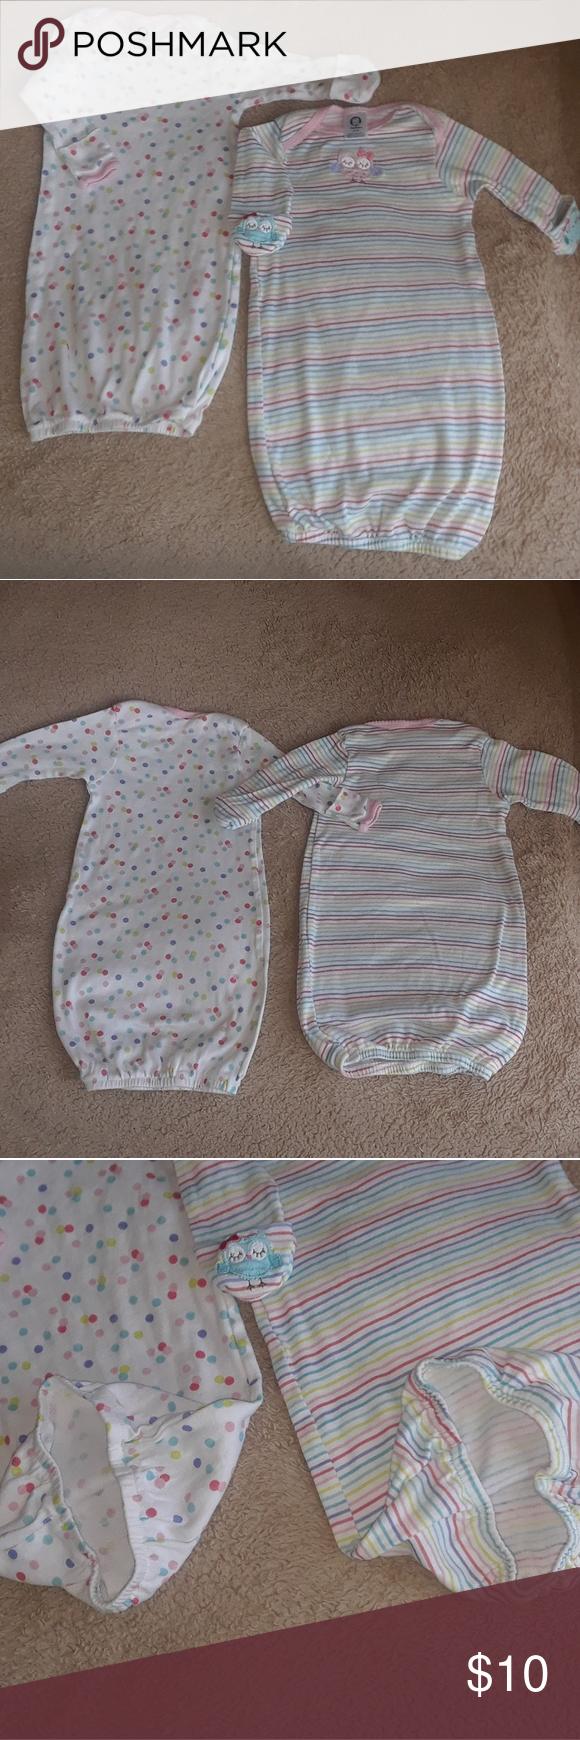 2 Gerber Sleeper Gowns 0-6 mths EUC | My Posh Closet | Pinterest